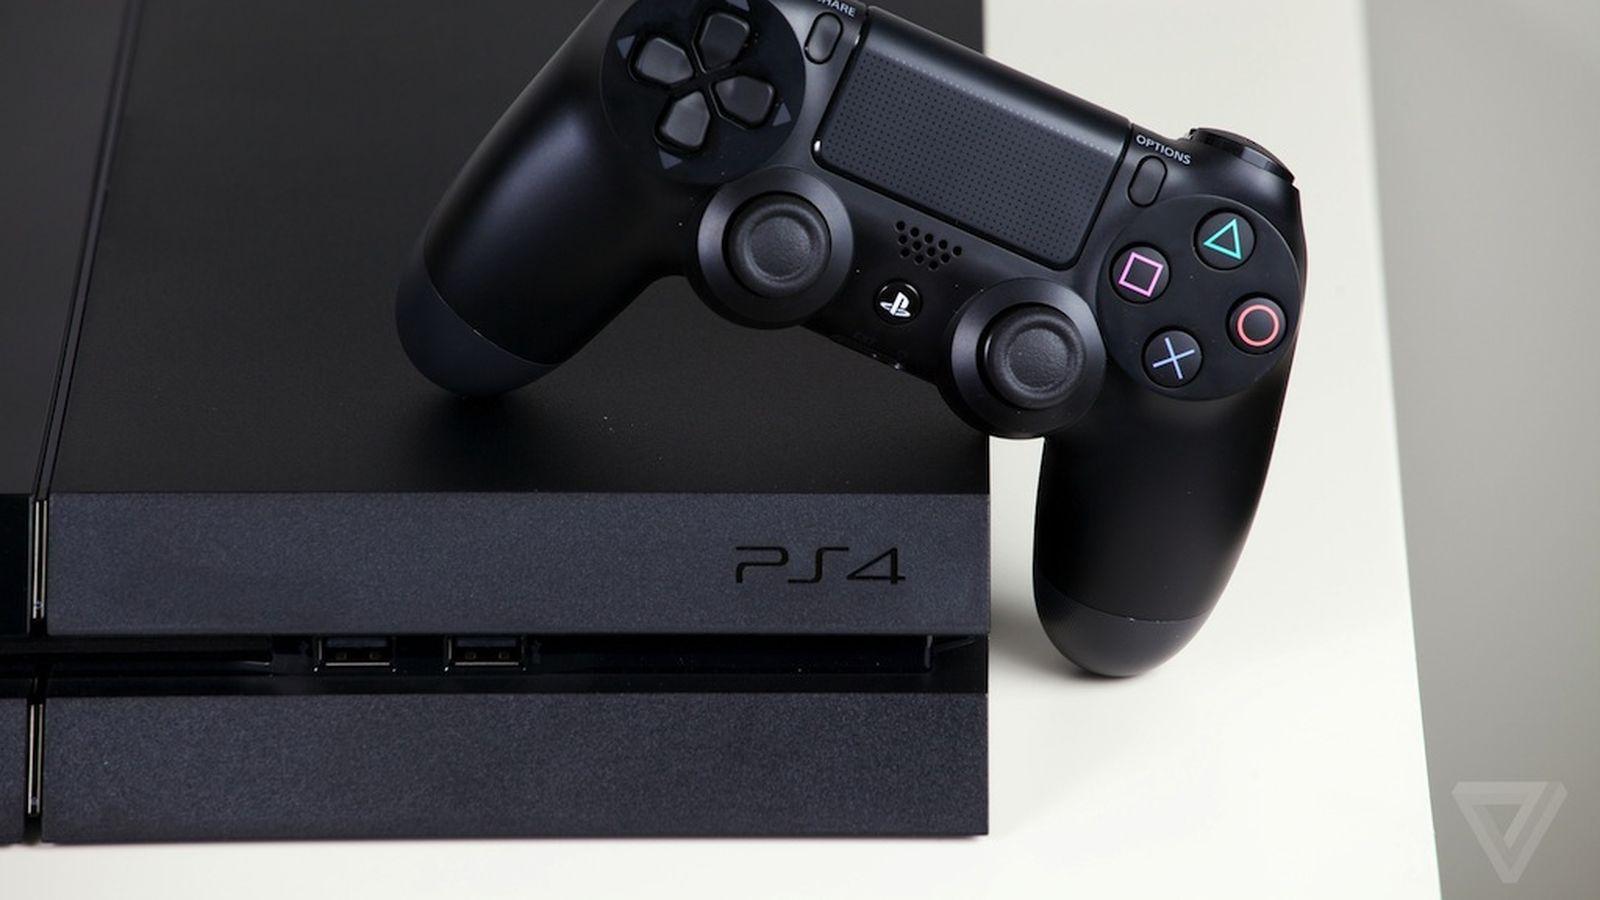 PS4-ün təhlükəsizlik sistemi sındırıldı